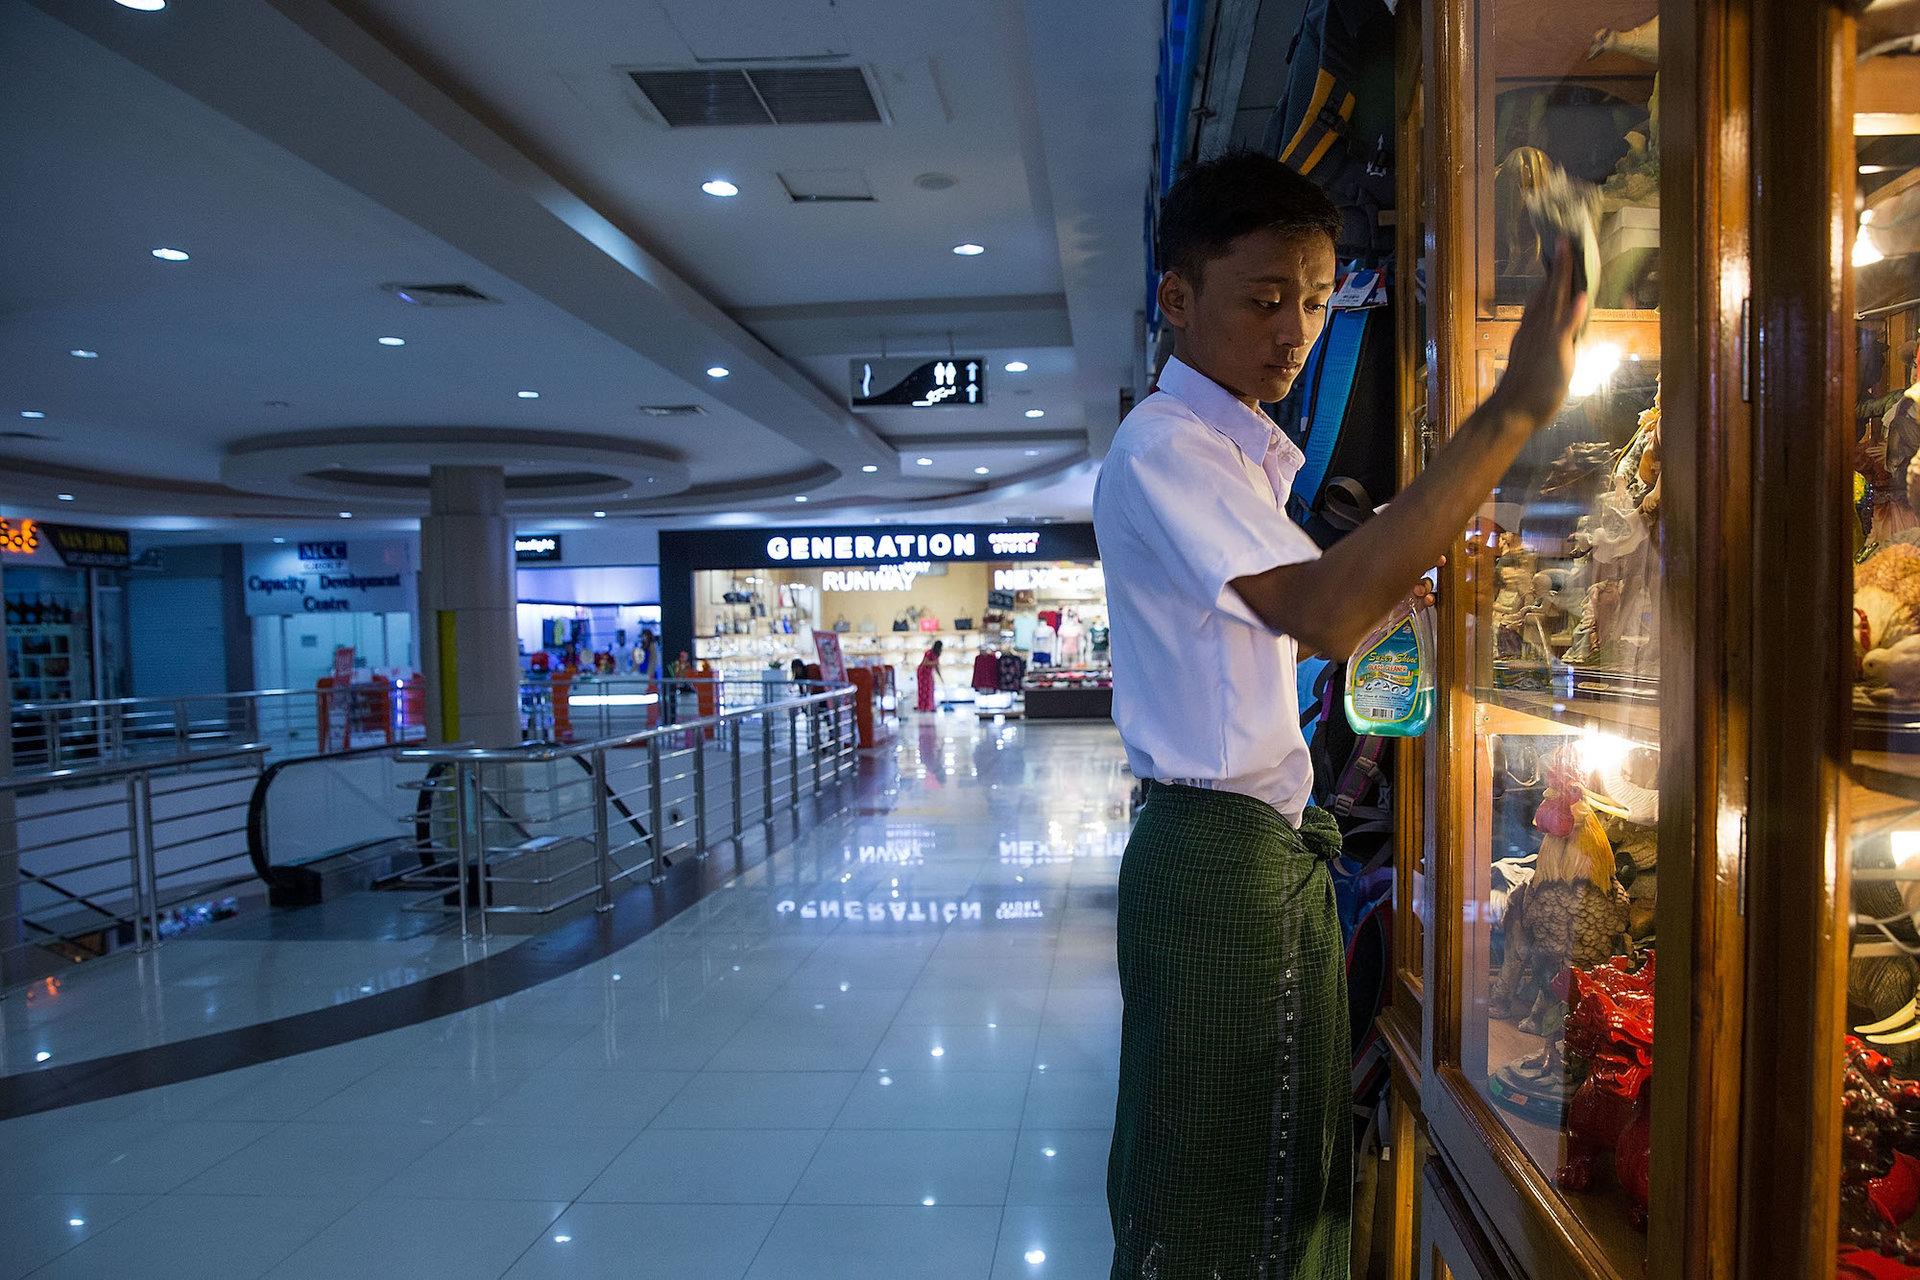 فروشنده ها از فرط بیکاری شیشه های مغازه های خود را تمیز می کنند